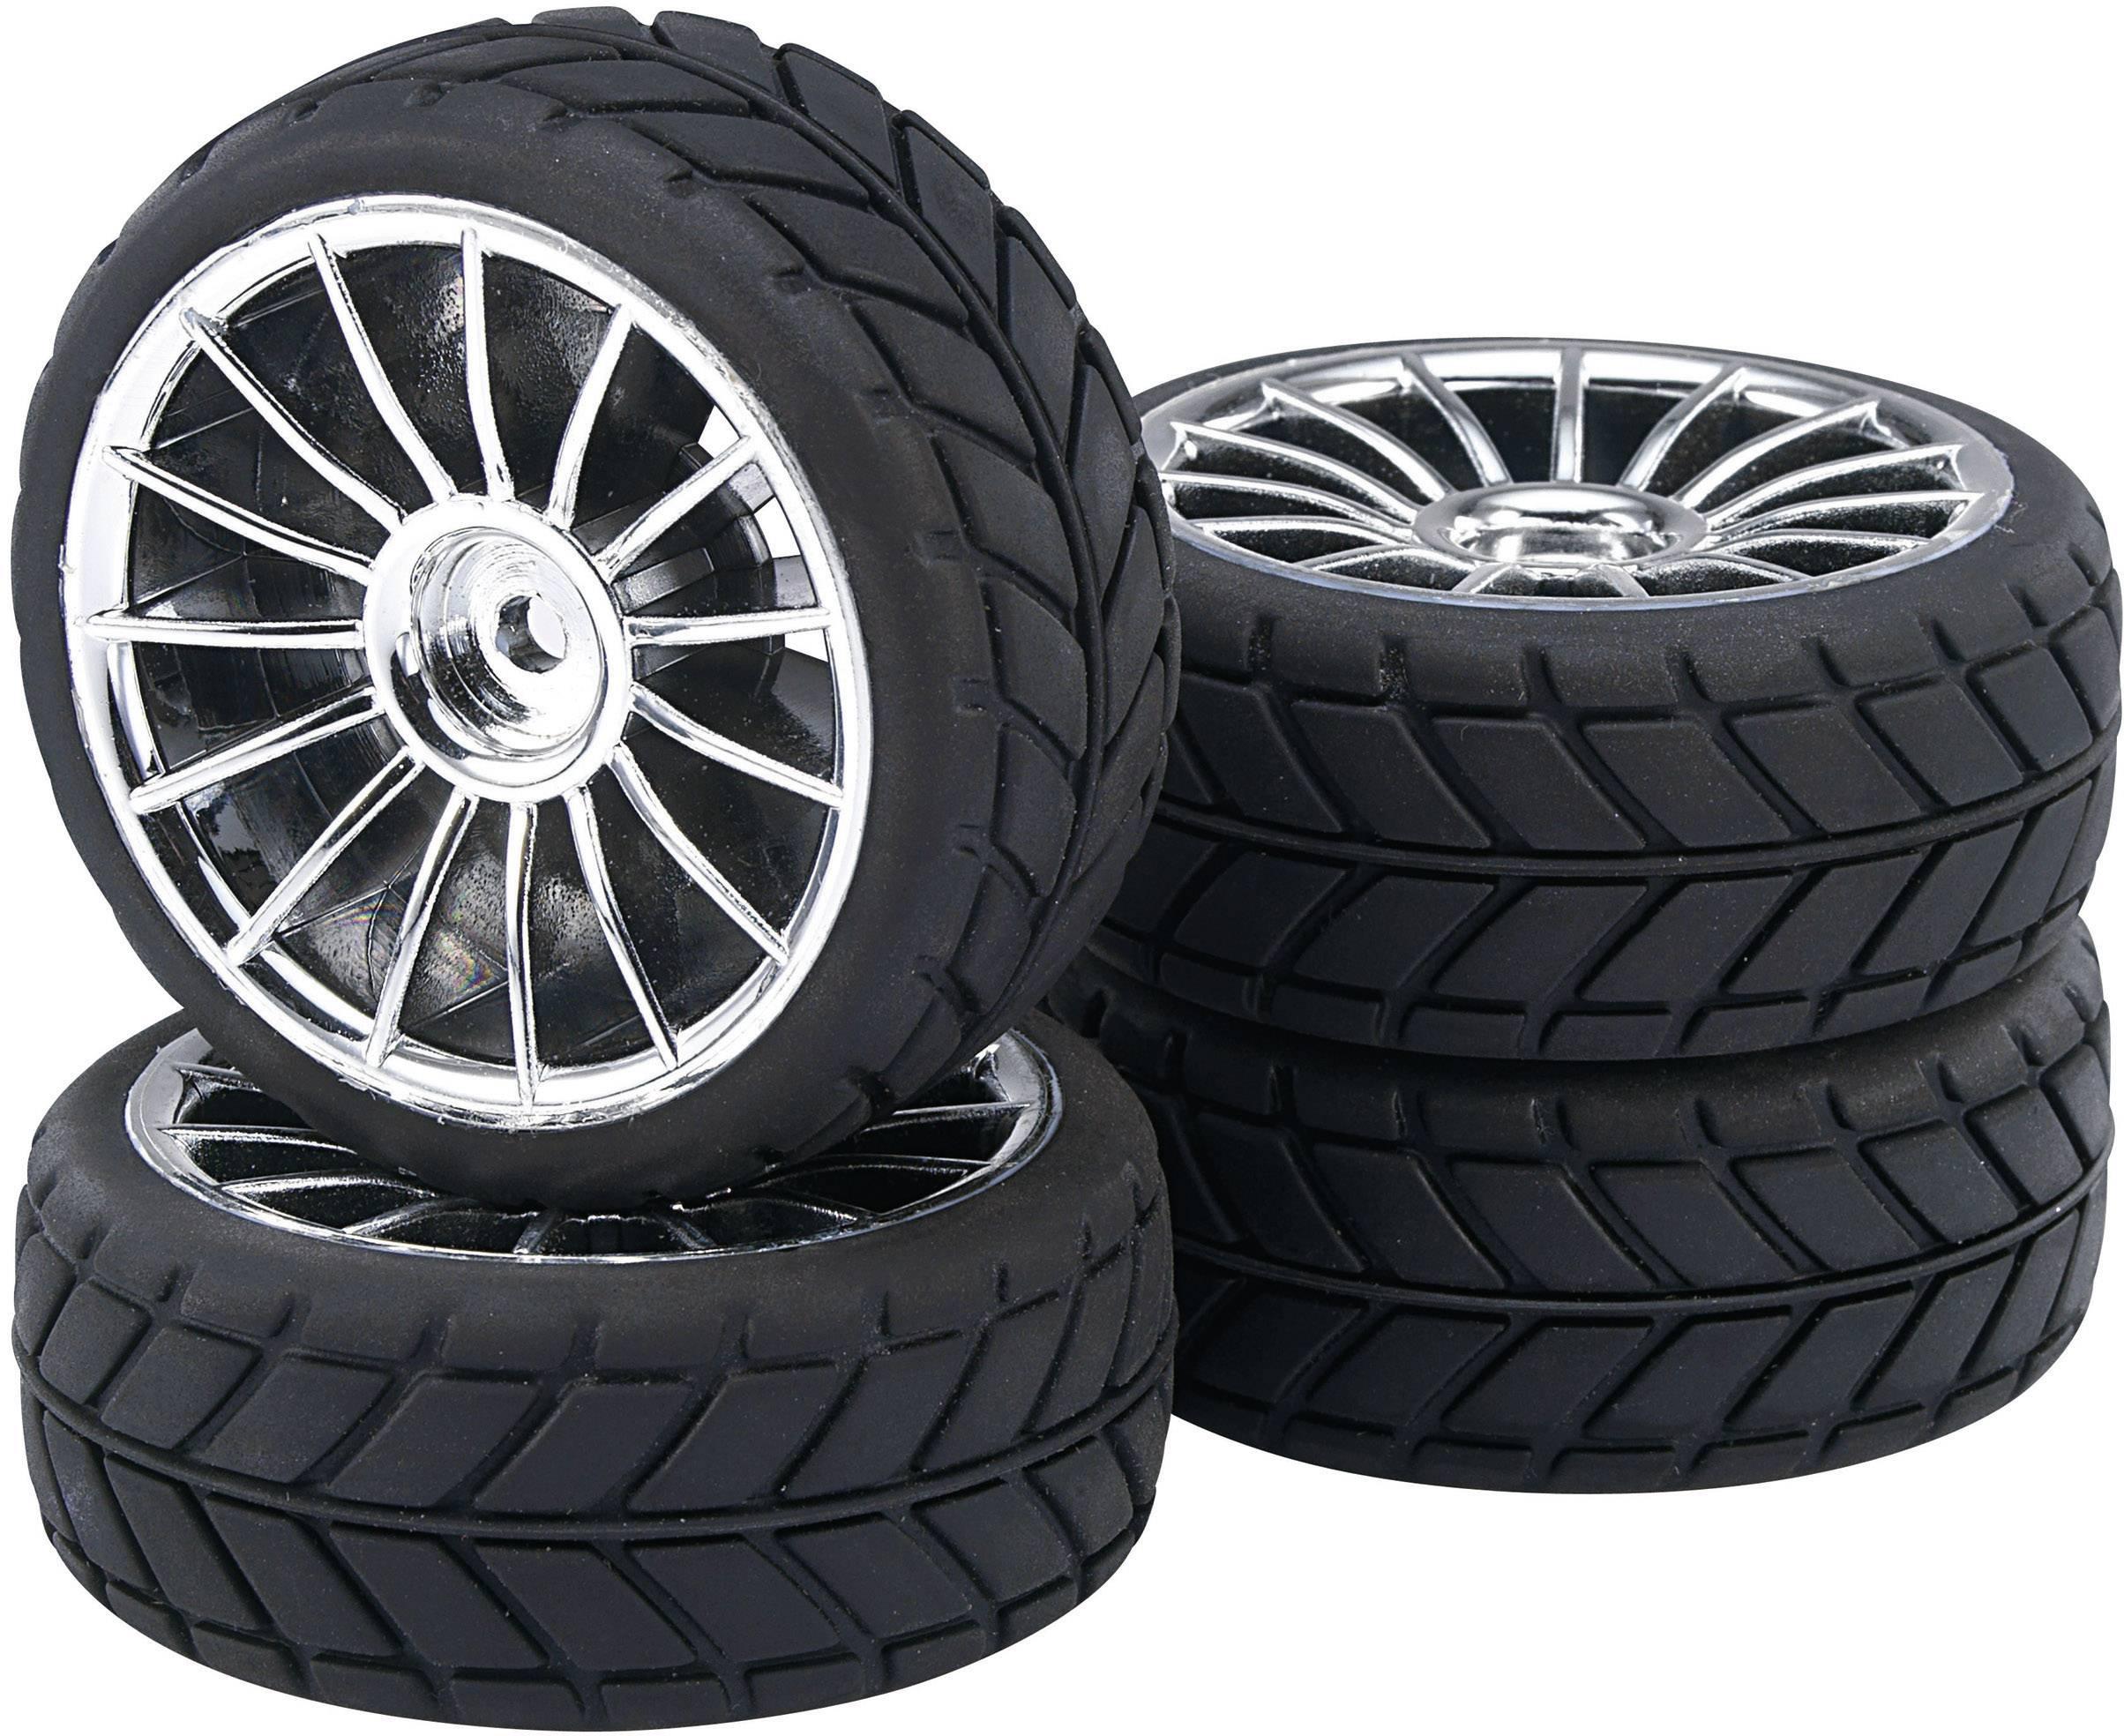 Kompletné kolesá V-Slick Reely 511681C pre cestný model, 64 mm, 1:10, 4 ks, titánová